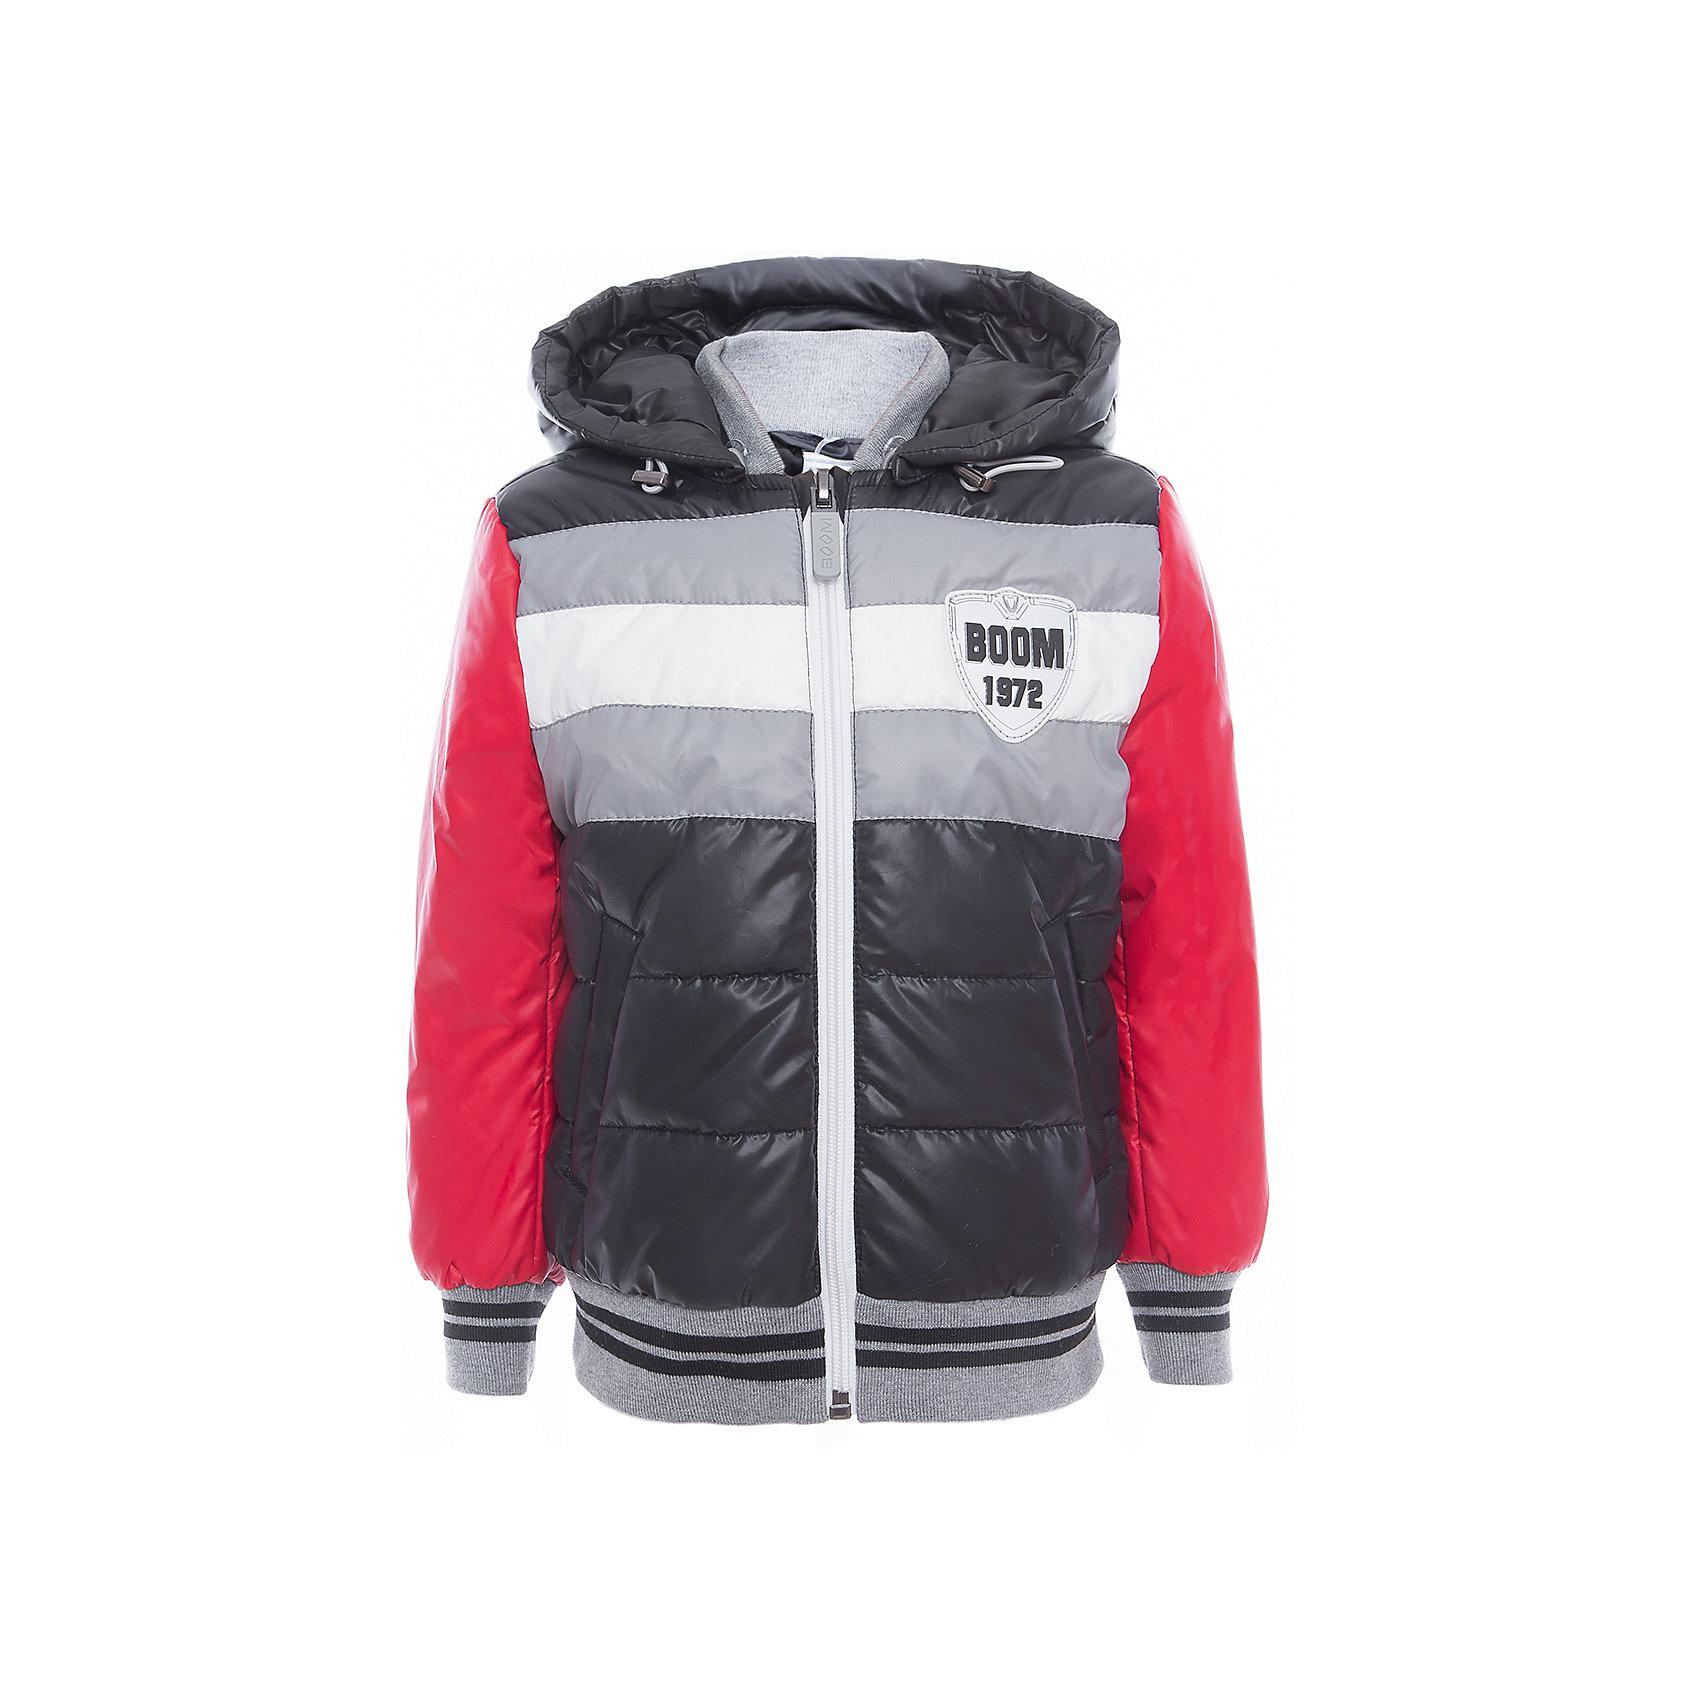 Куртка для мальчика BOOM by OrbyВерхняя одежда<br>Характеристики товара:<br><br>• цвет: чёрный/серый/красный<br>• состав: верх - таффета, болонь, подкладка - поликоттон, полиэстер, утеплитель: Flexy Fiber 150 г/м2<br>• температурный режим: от -5 С° до +10 С° <br>• капюшон<br>• застежка - молния<br>• эластичные манжеты<br>• стеганая<br>• декорирована нашивками<br>• комфортная посадка<br>• страна производства: Российская Федерация<br>• страна бренда: Российская Федерация<br>• коллекция: весна-лето 2017<br><br>Куртка-бомбер - универсальный вариант для межсезонья с постоянно меняющейся погодой. Эта модель - модная и удобная одновременно! Изделие отличается стильным ярким дизайном. Куртка хорошо сидит по фигуре, отлично сочетается с различным низом. Вещь была разработана специально для детей.<br><br>Одежда от российского бренда BOOM by Orby уже завоевала популярностью у многих детей и их родителей. Вещи, выпускаемые компанией, качественные, продуманные и очень удобные. Для производства коллекций используются только безопасные для детей материалы. Спешите приобрести модели из новой коллекции Весна-лето 2017! <br><br>Куртку для мальчика от бренда BOOM by Orby можно купить в нашем интернет-магазине.<br><br>Ширина мм: 356<br>Глубина мм: 10<br>Высота мм: 245<br>Вес г: 519<br>Цвет: черный<br>Возраст от месяцев: 36<br>Возраст до месяцев: 48<br>Пол: Мужской<br>Возраст: Детский<br>Размер: 104,158,164,170,86,92,98,110,116,122,128,134,140,146,152<br>SKU: 5343438